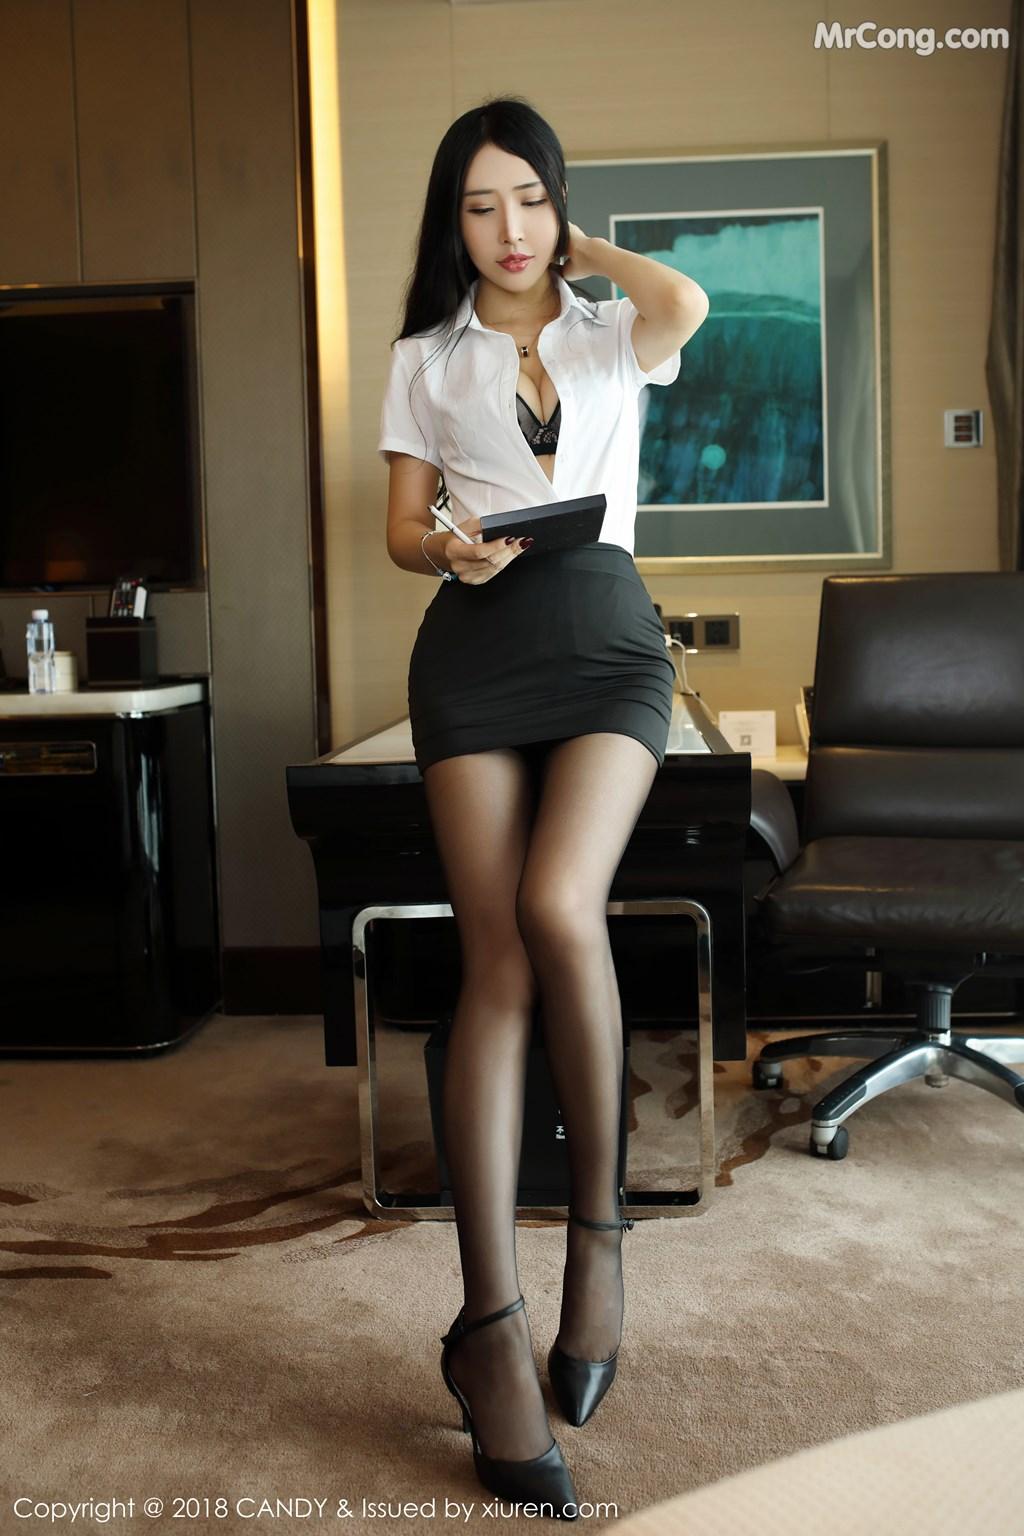 Image CANDY-Vol.063-Yu-Xi-Meng-MrCong.com-002 in post CANDY Vol.063: Người mẫu Yu Xi Meng (俞夕梦) (38 ảnh)